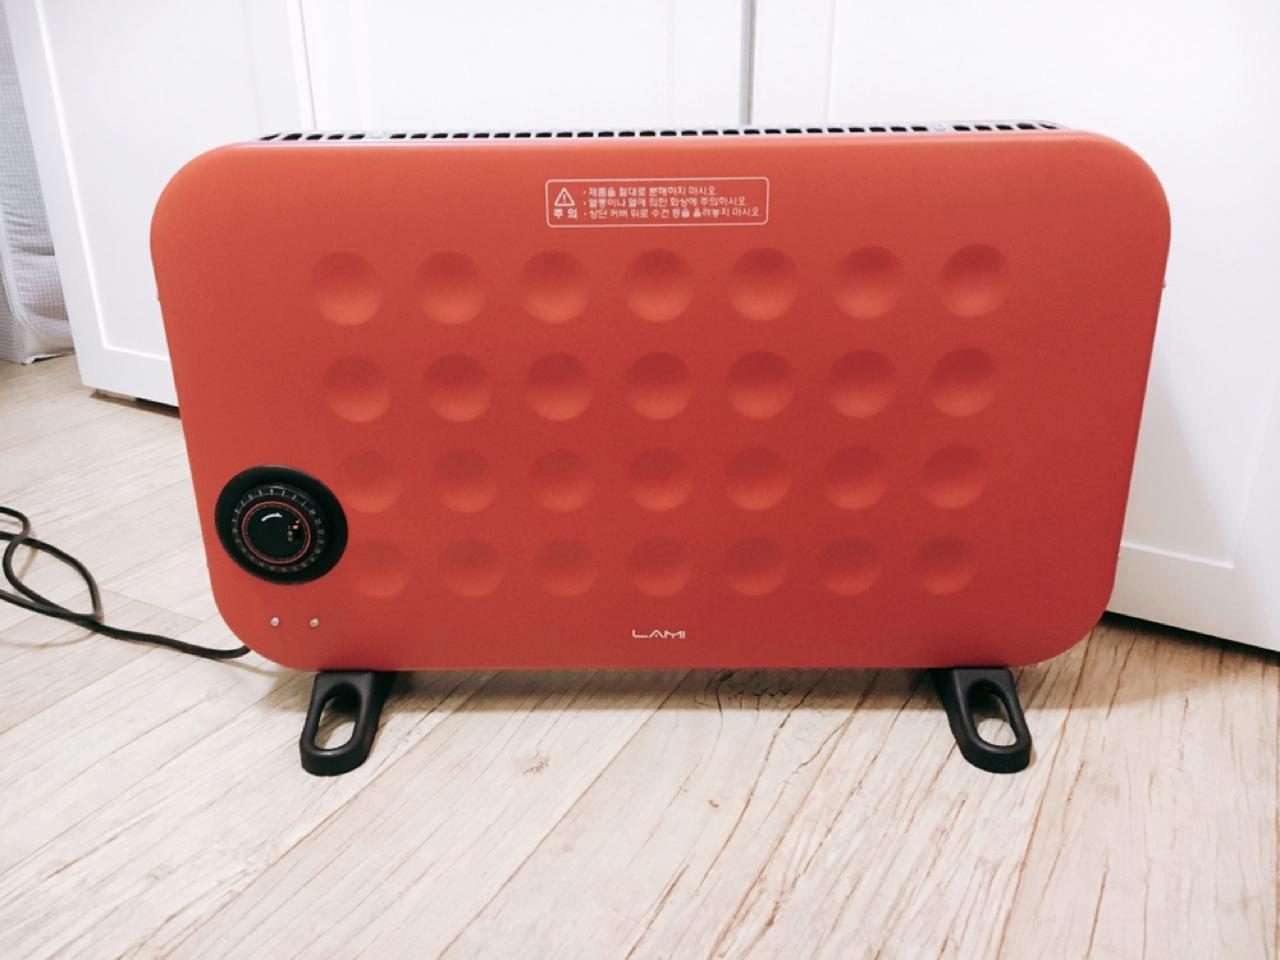 레드컬러의 빈티지한 디자인, 라미 컨백션 히터 판매합니다.